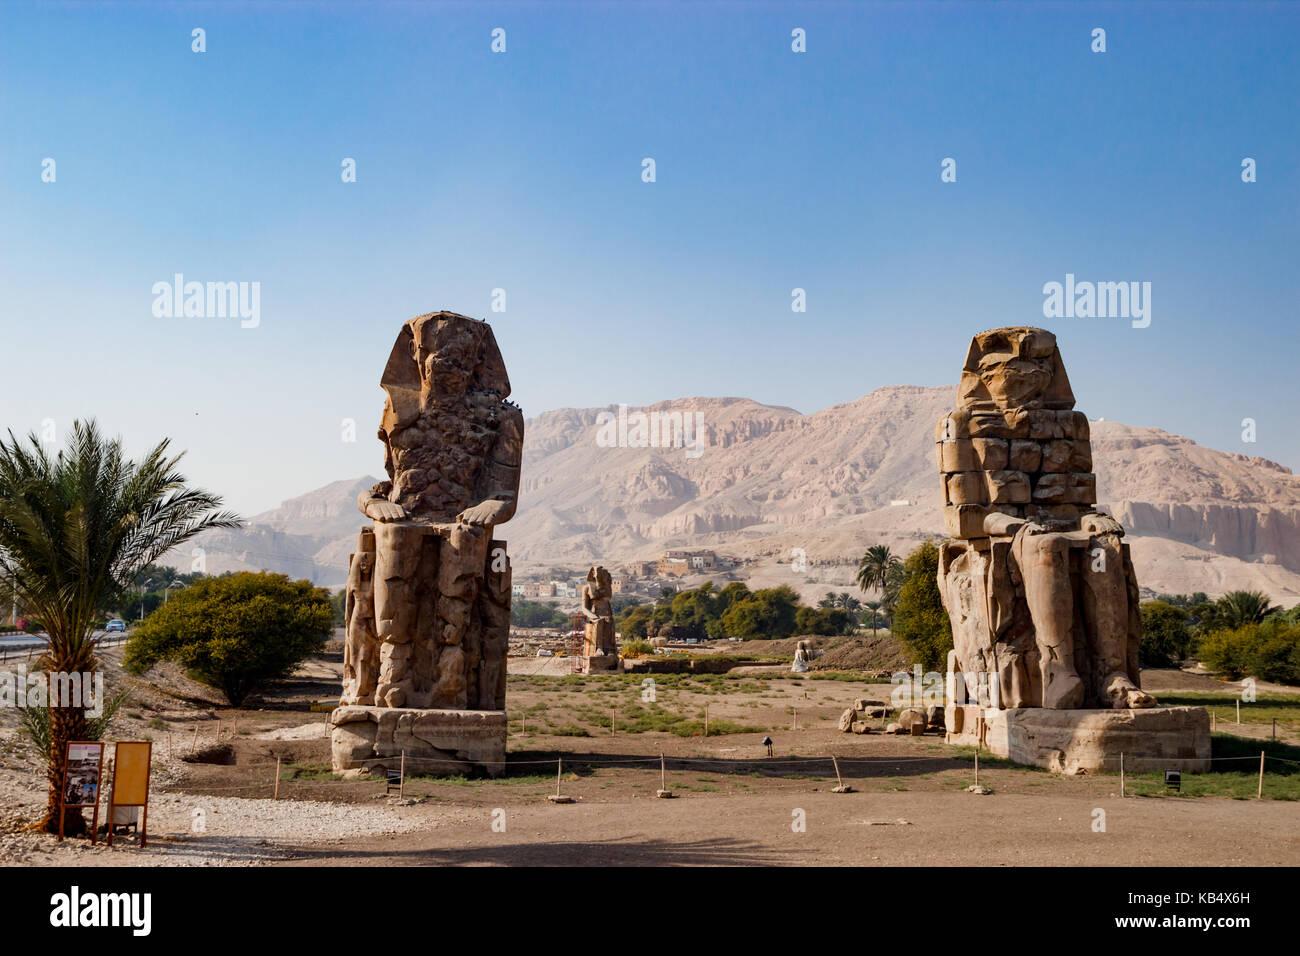 Las ruinas de estatuas en Luxor, Egipto Imagen De Stock